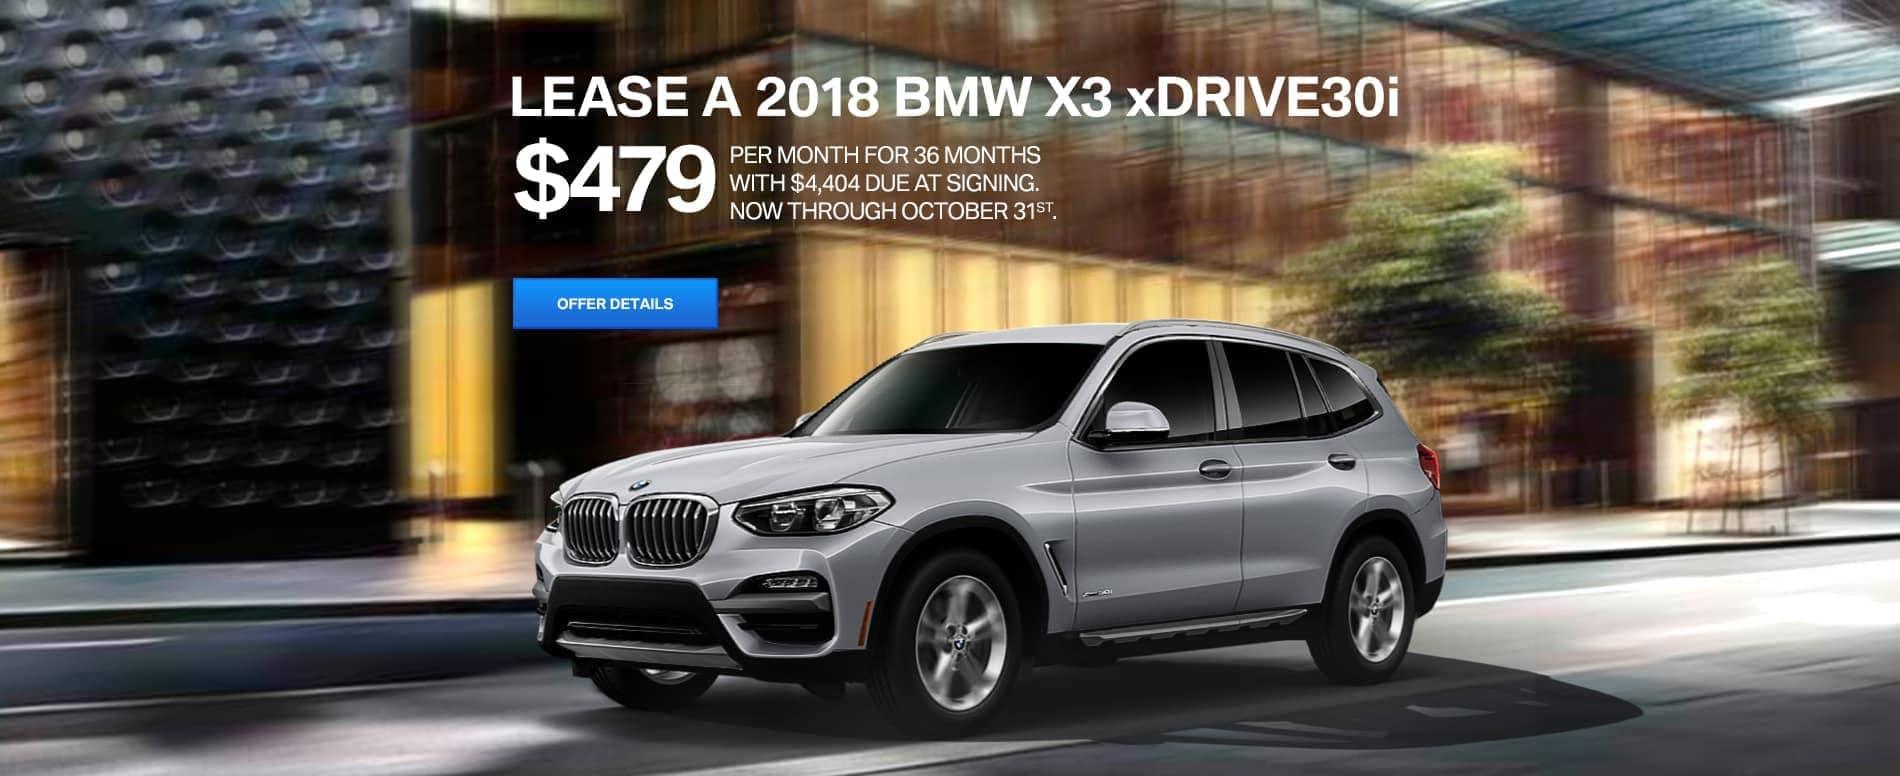 2018_X3_xDrive30i_National_479